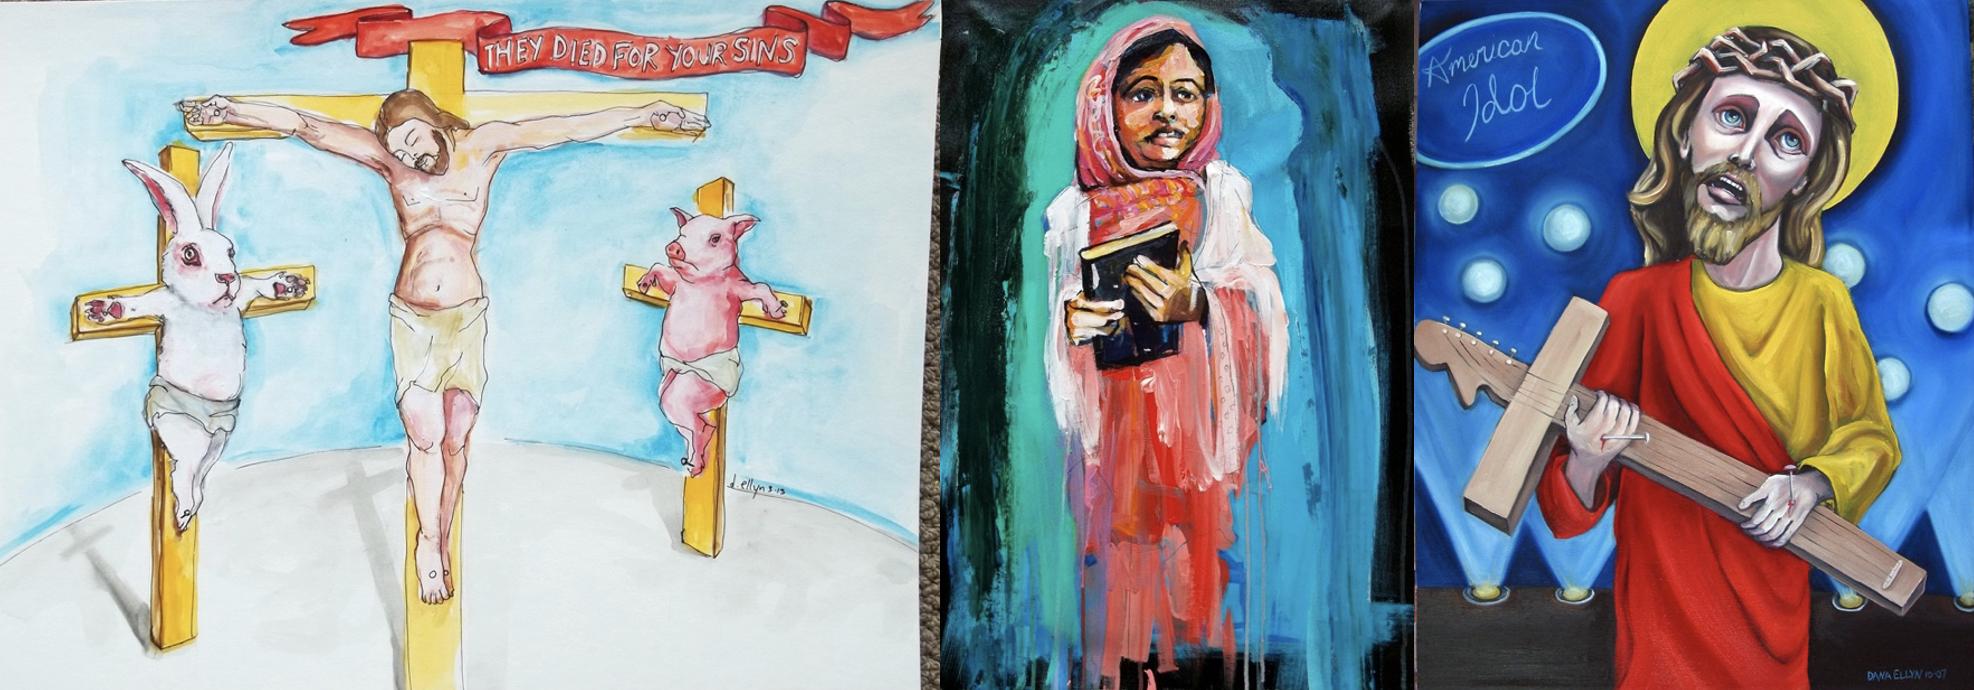 ״אמריקן איידול״. ״שימור״. ״הם מתים בשבילך״. (מימין לשמאל)